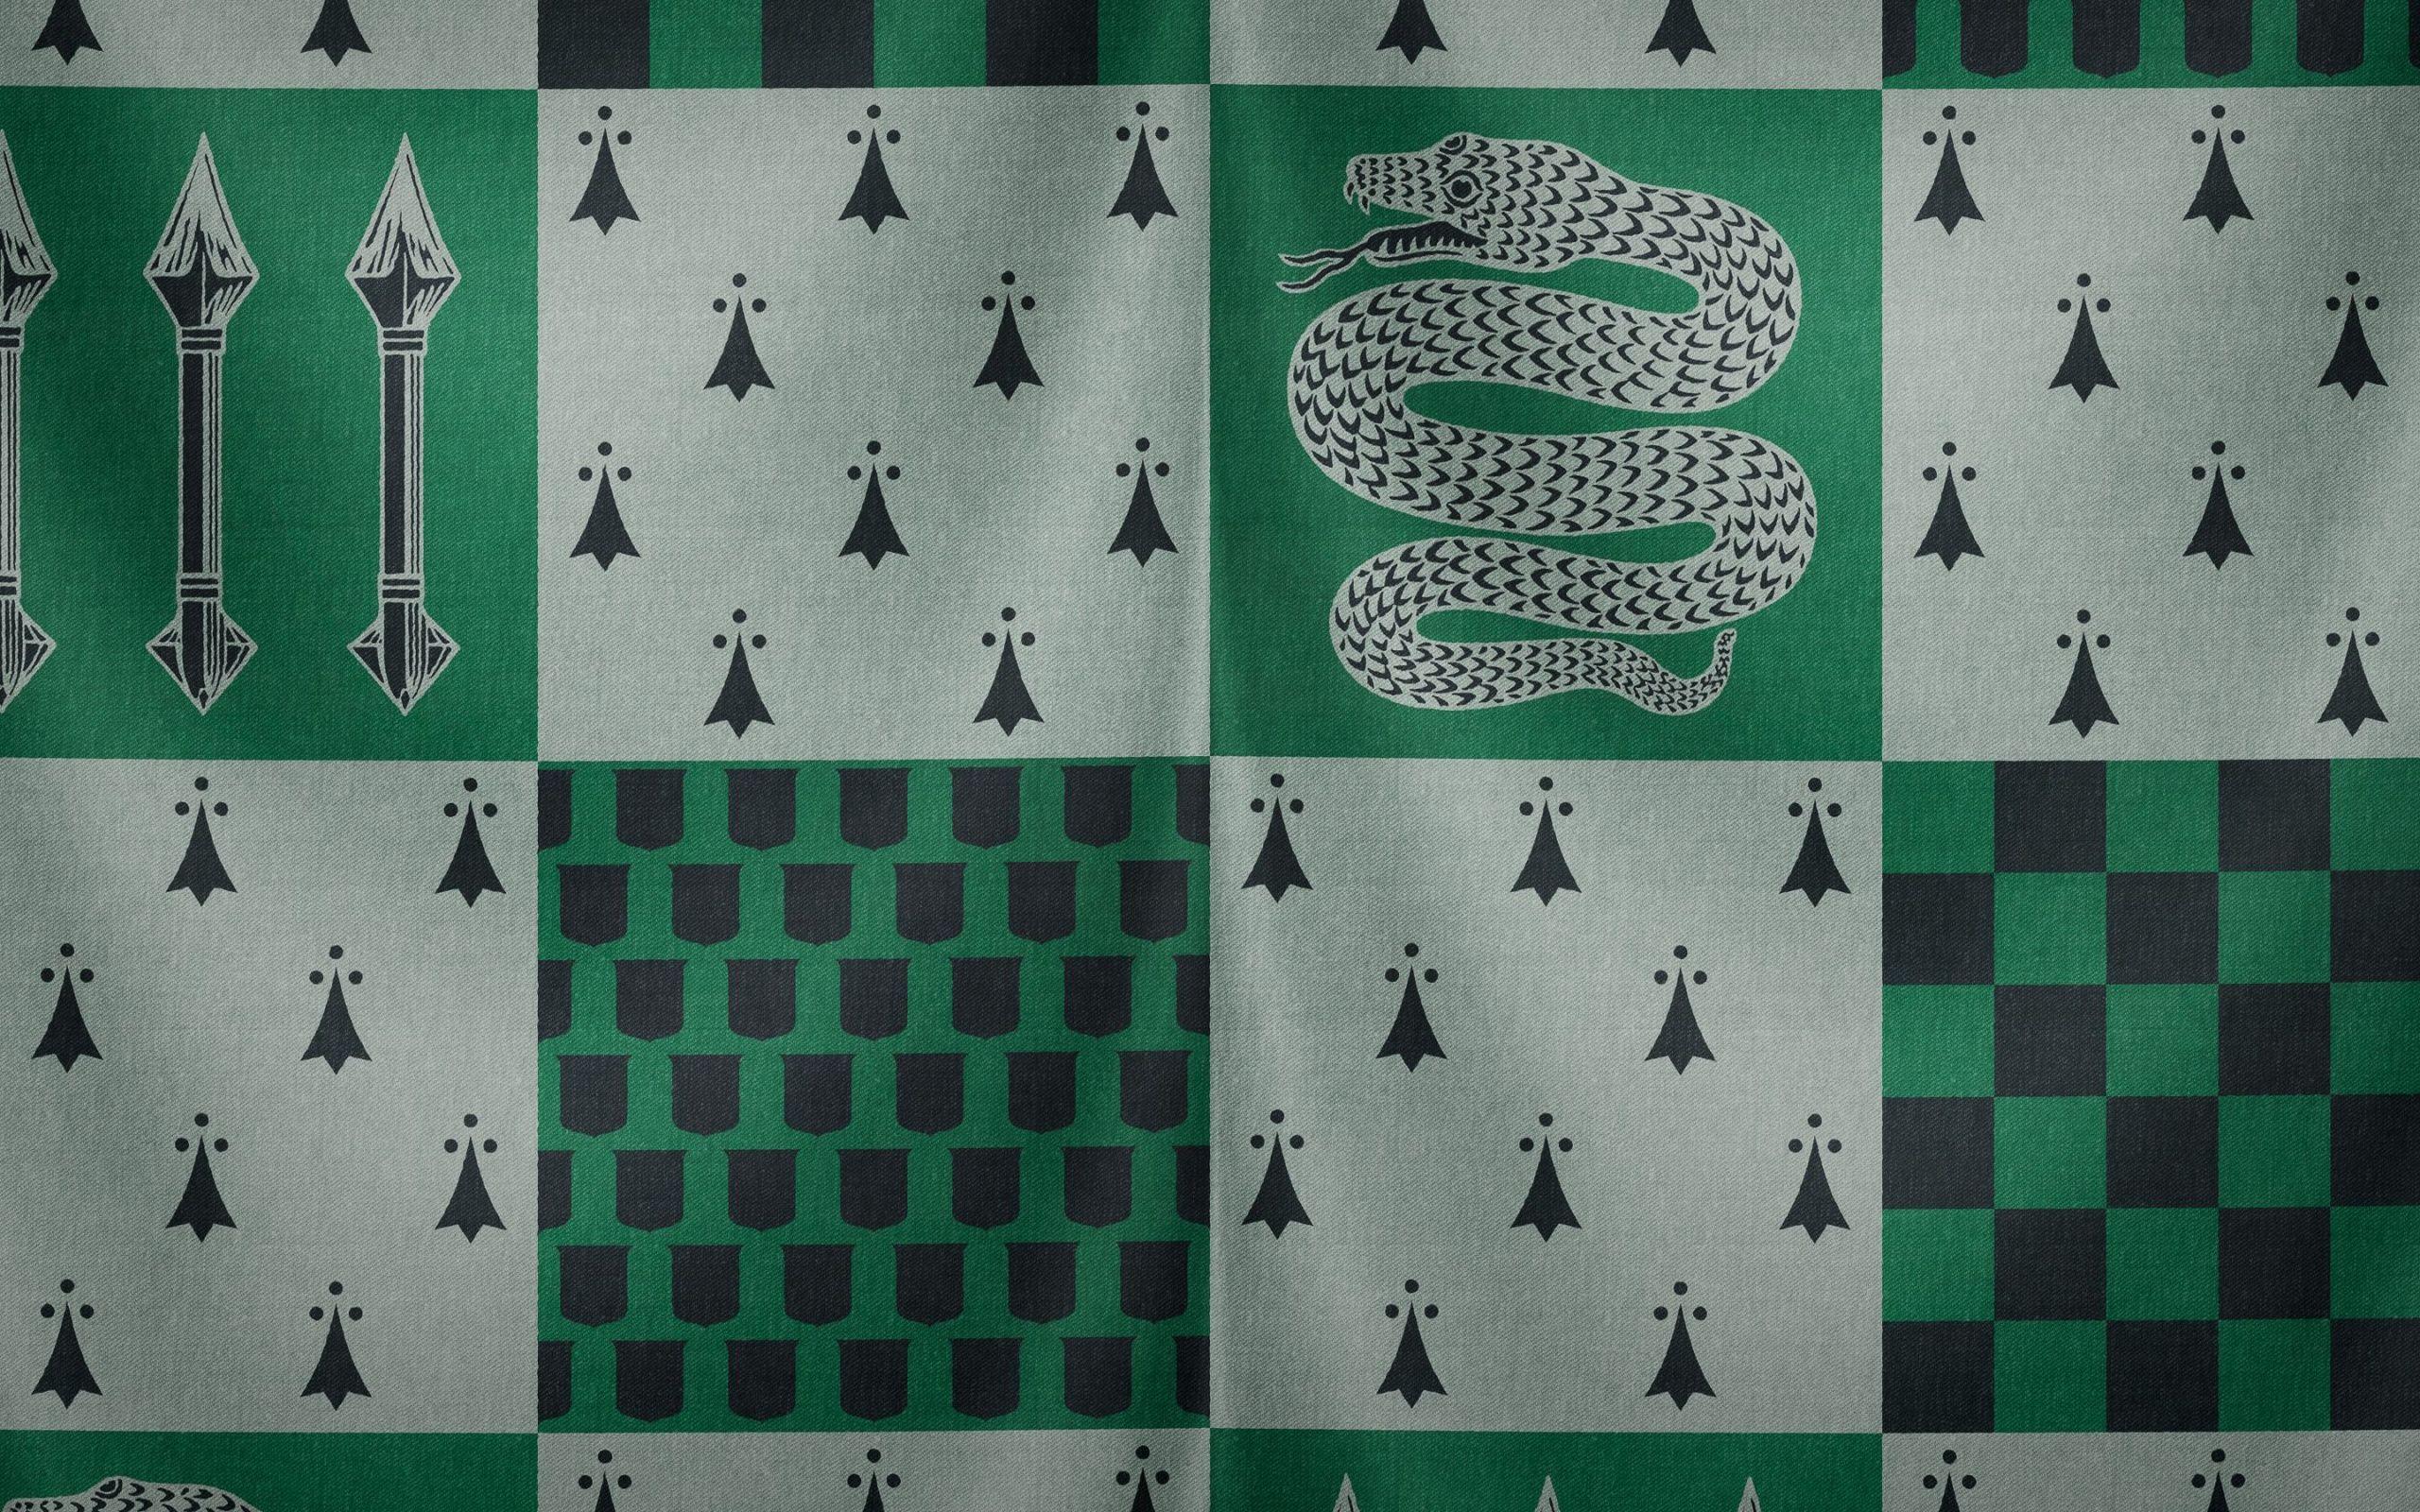 Pin by vegas. on slytherin Slytherin wallpaper, Harry